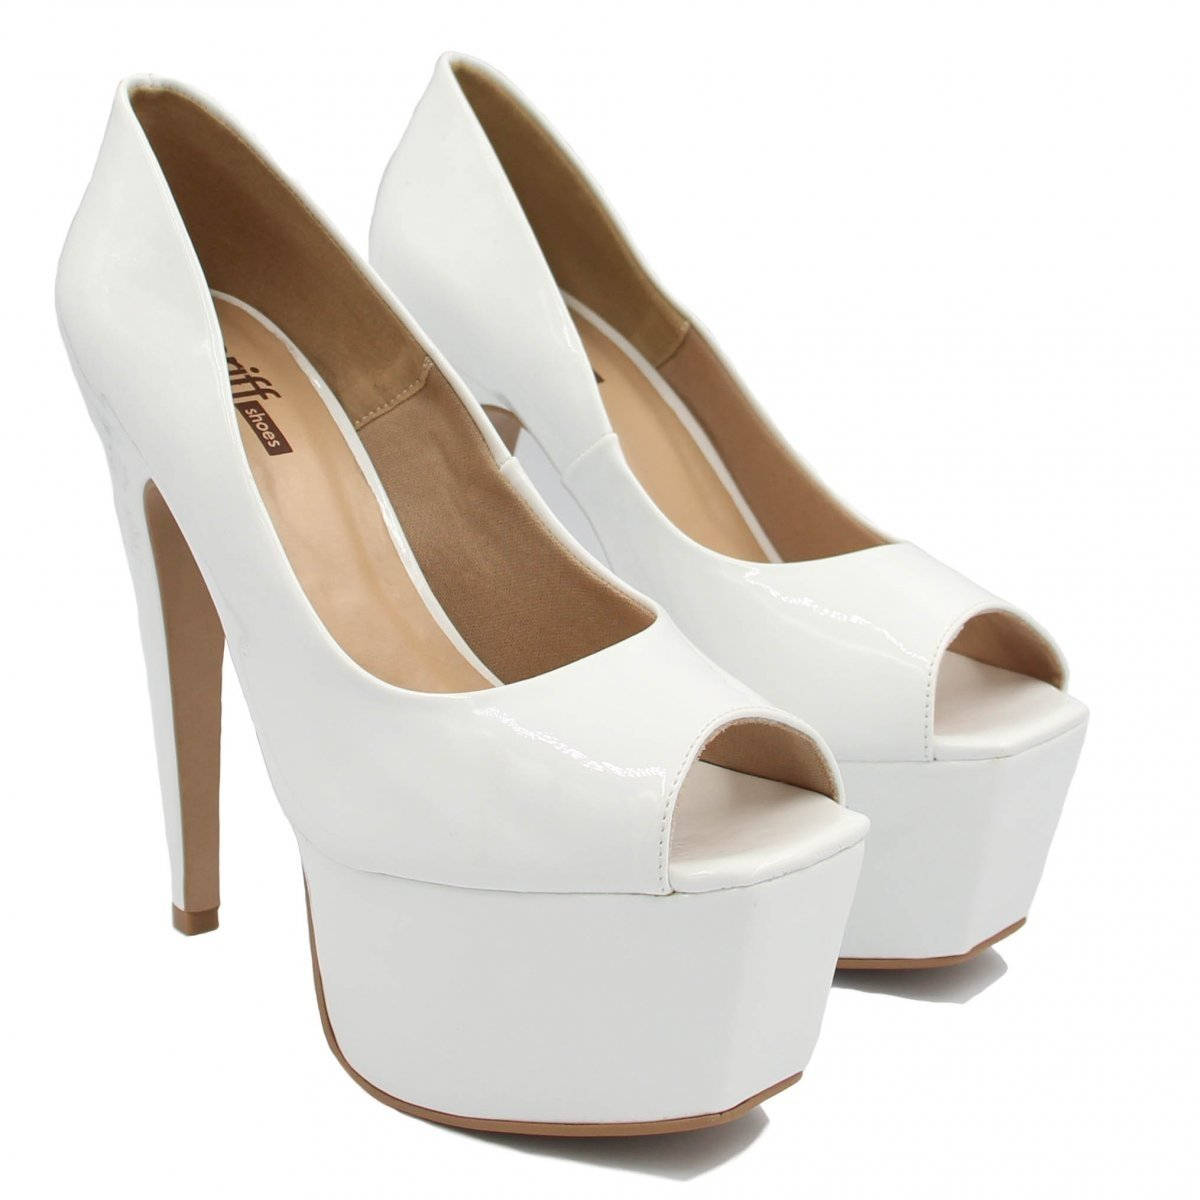 Branco Peep Pata Peep Zariff Toe Meia Toe Shoes 0Yw6qYd